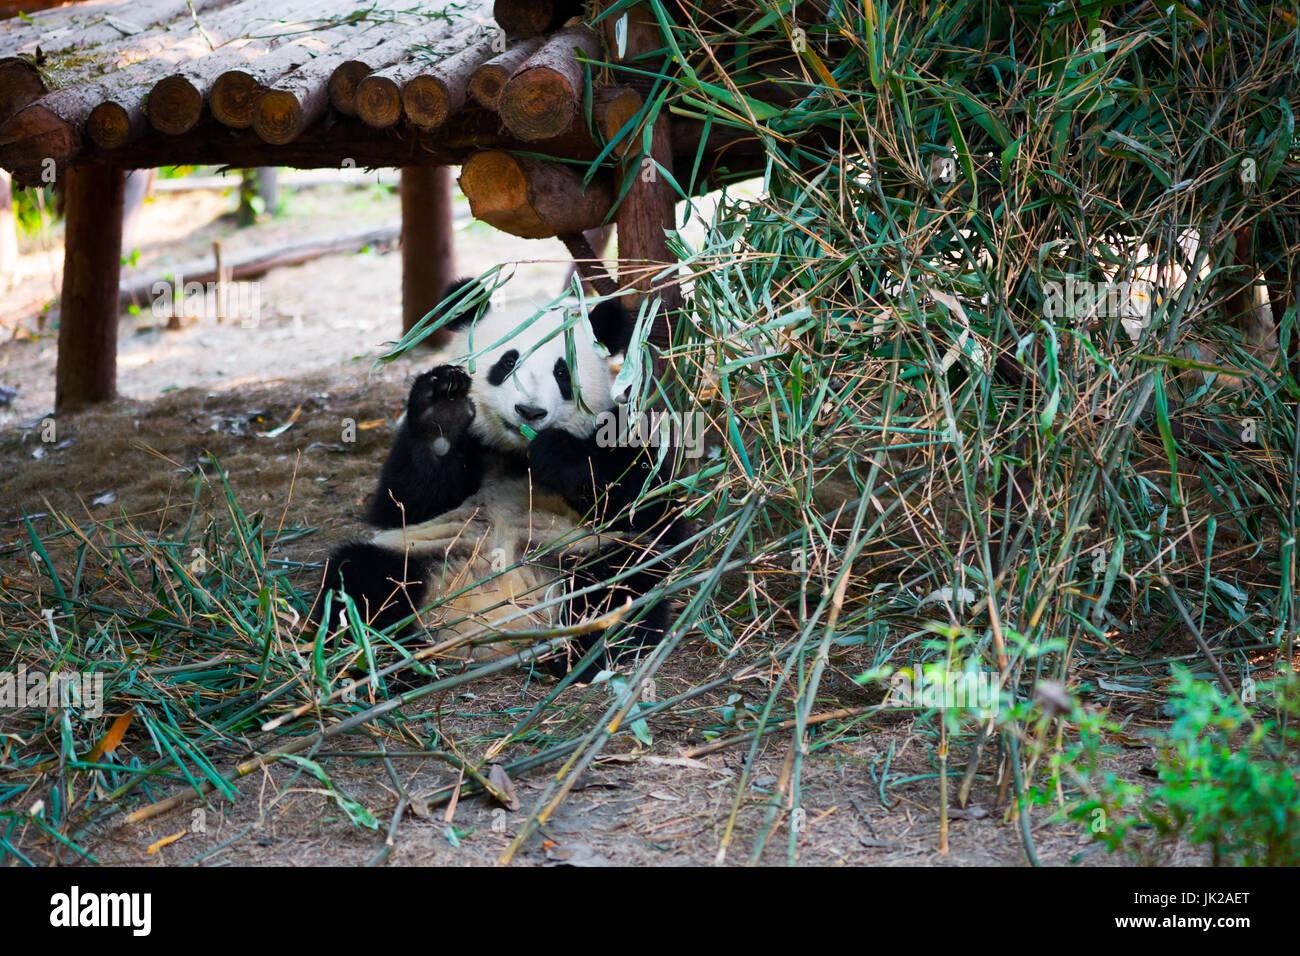 Panda Cub Sitzen Und Essen Bambus Wahrend Salutierte Mit Seiner Hand